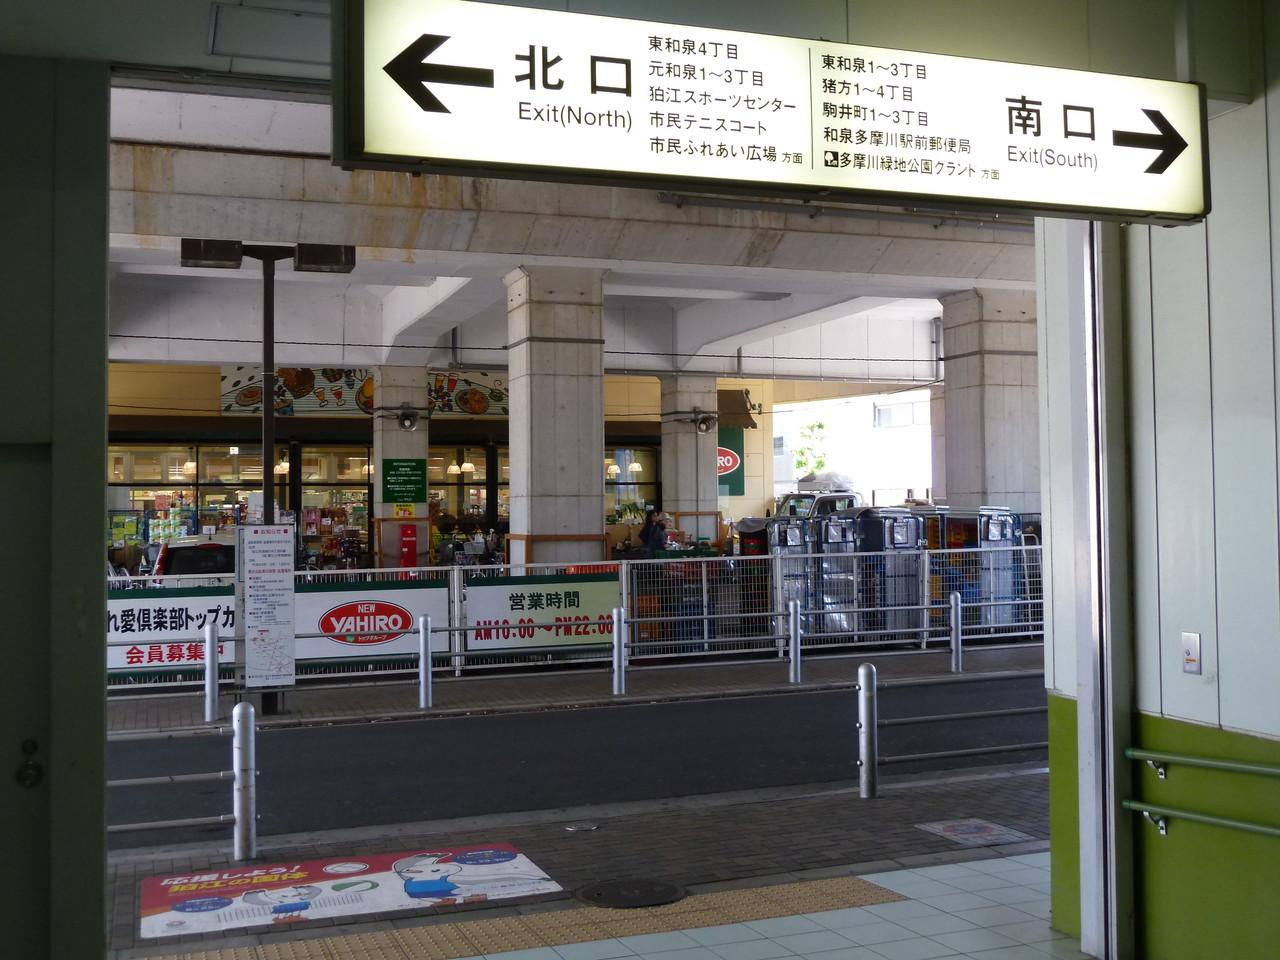 小田急線、和泉多摩川駅東口改札を出て、右方向へ。